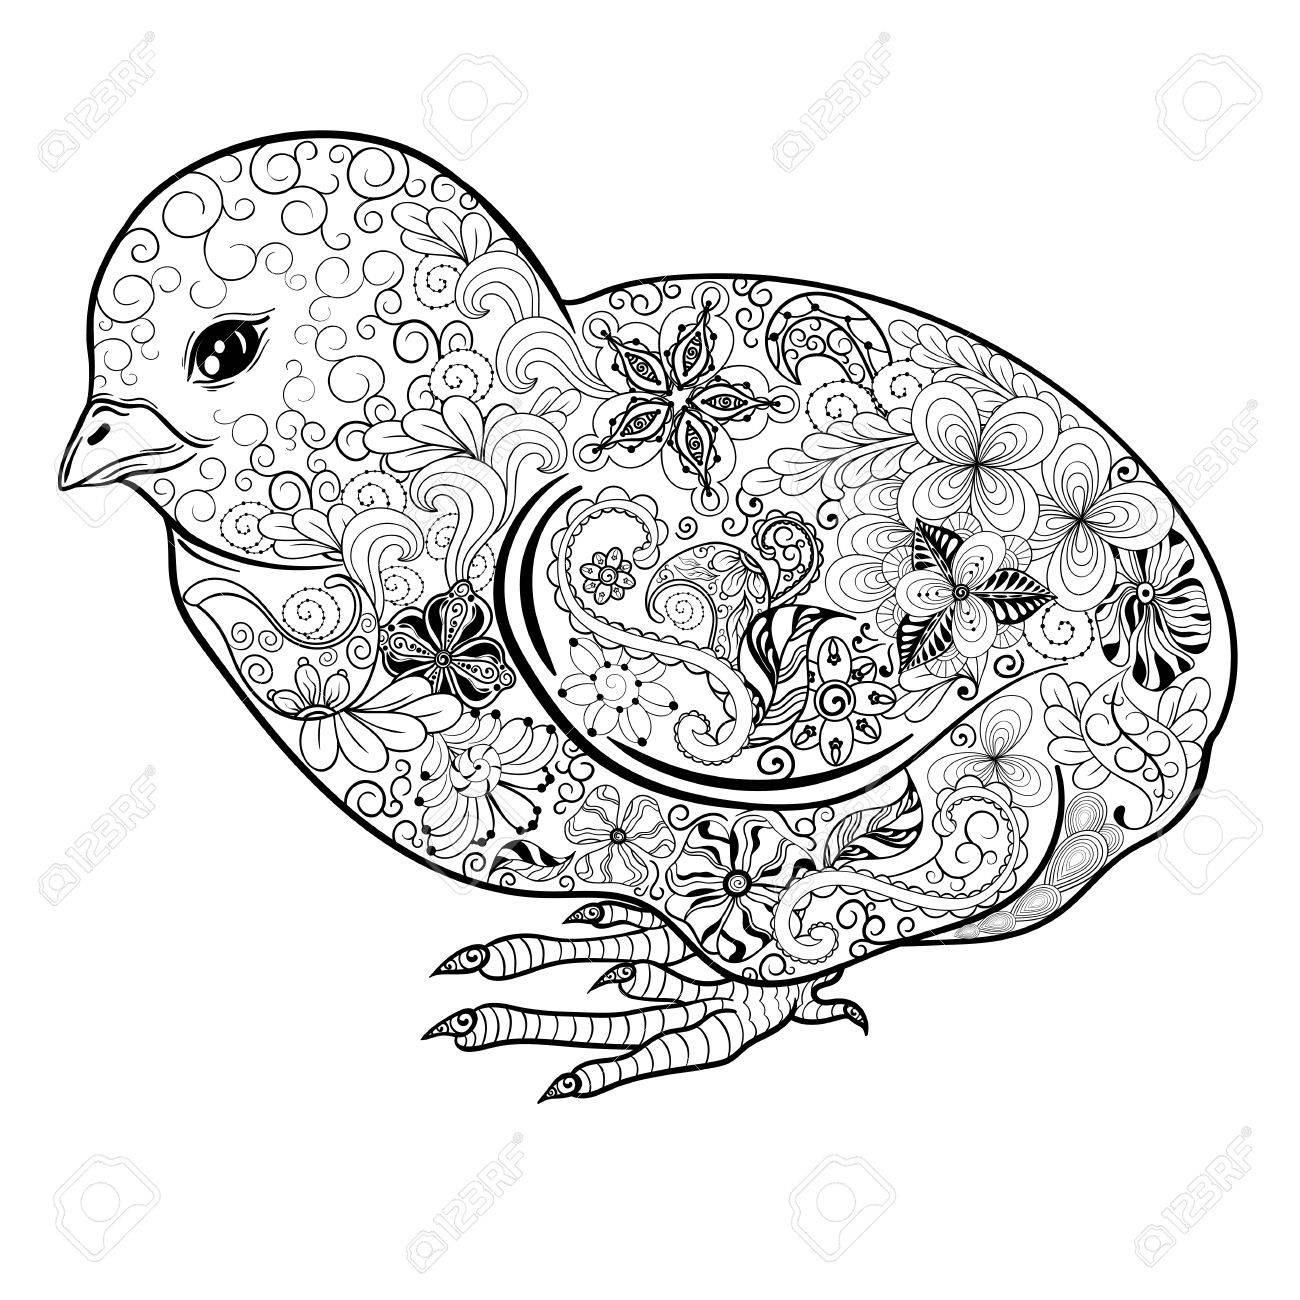 Illustrazione Chick è Stata Creata A Scarabocchiare Stile Nei